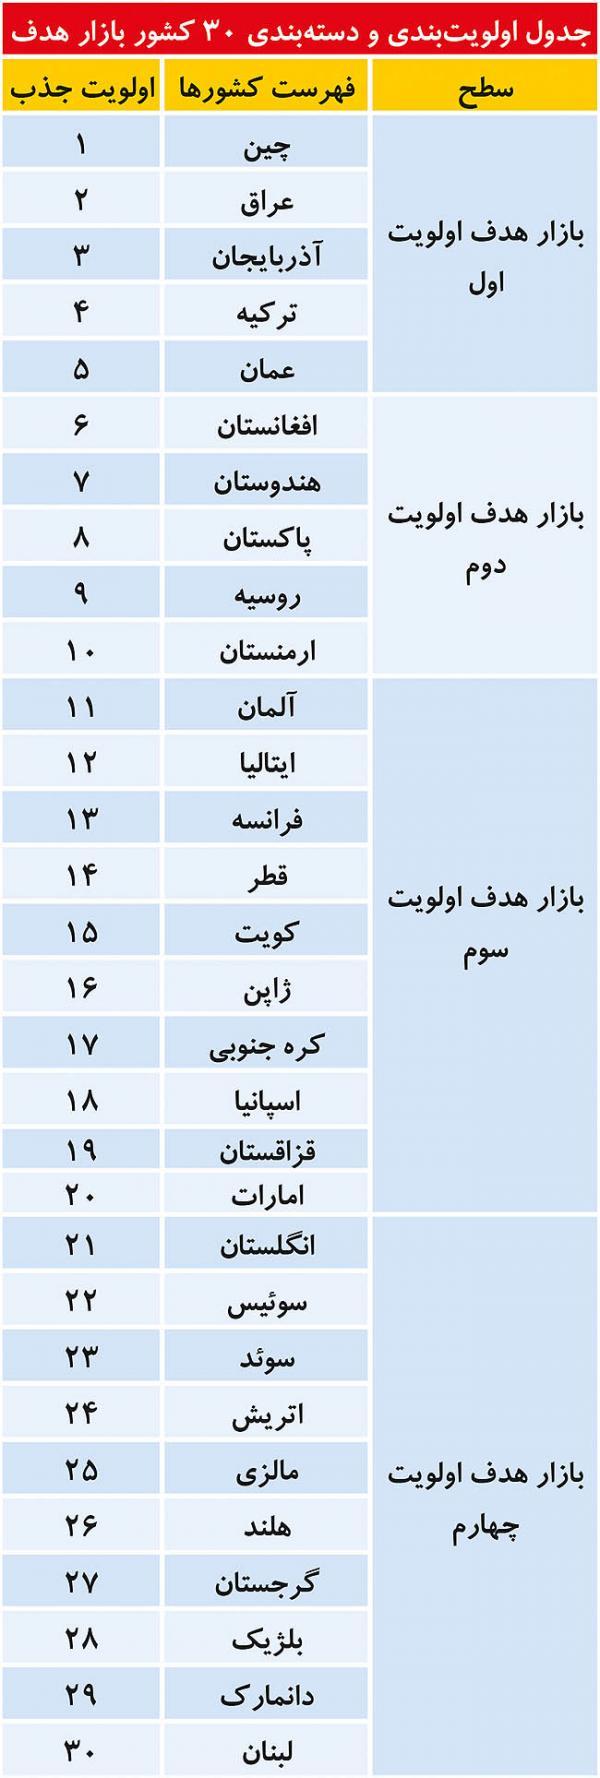 جذب گردشگر در ایران,اخبار اجتماعی,خبرهای اجتماعی,محیط زیست